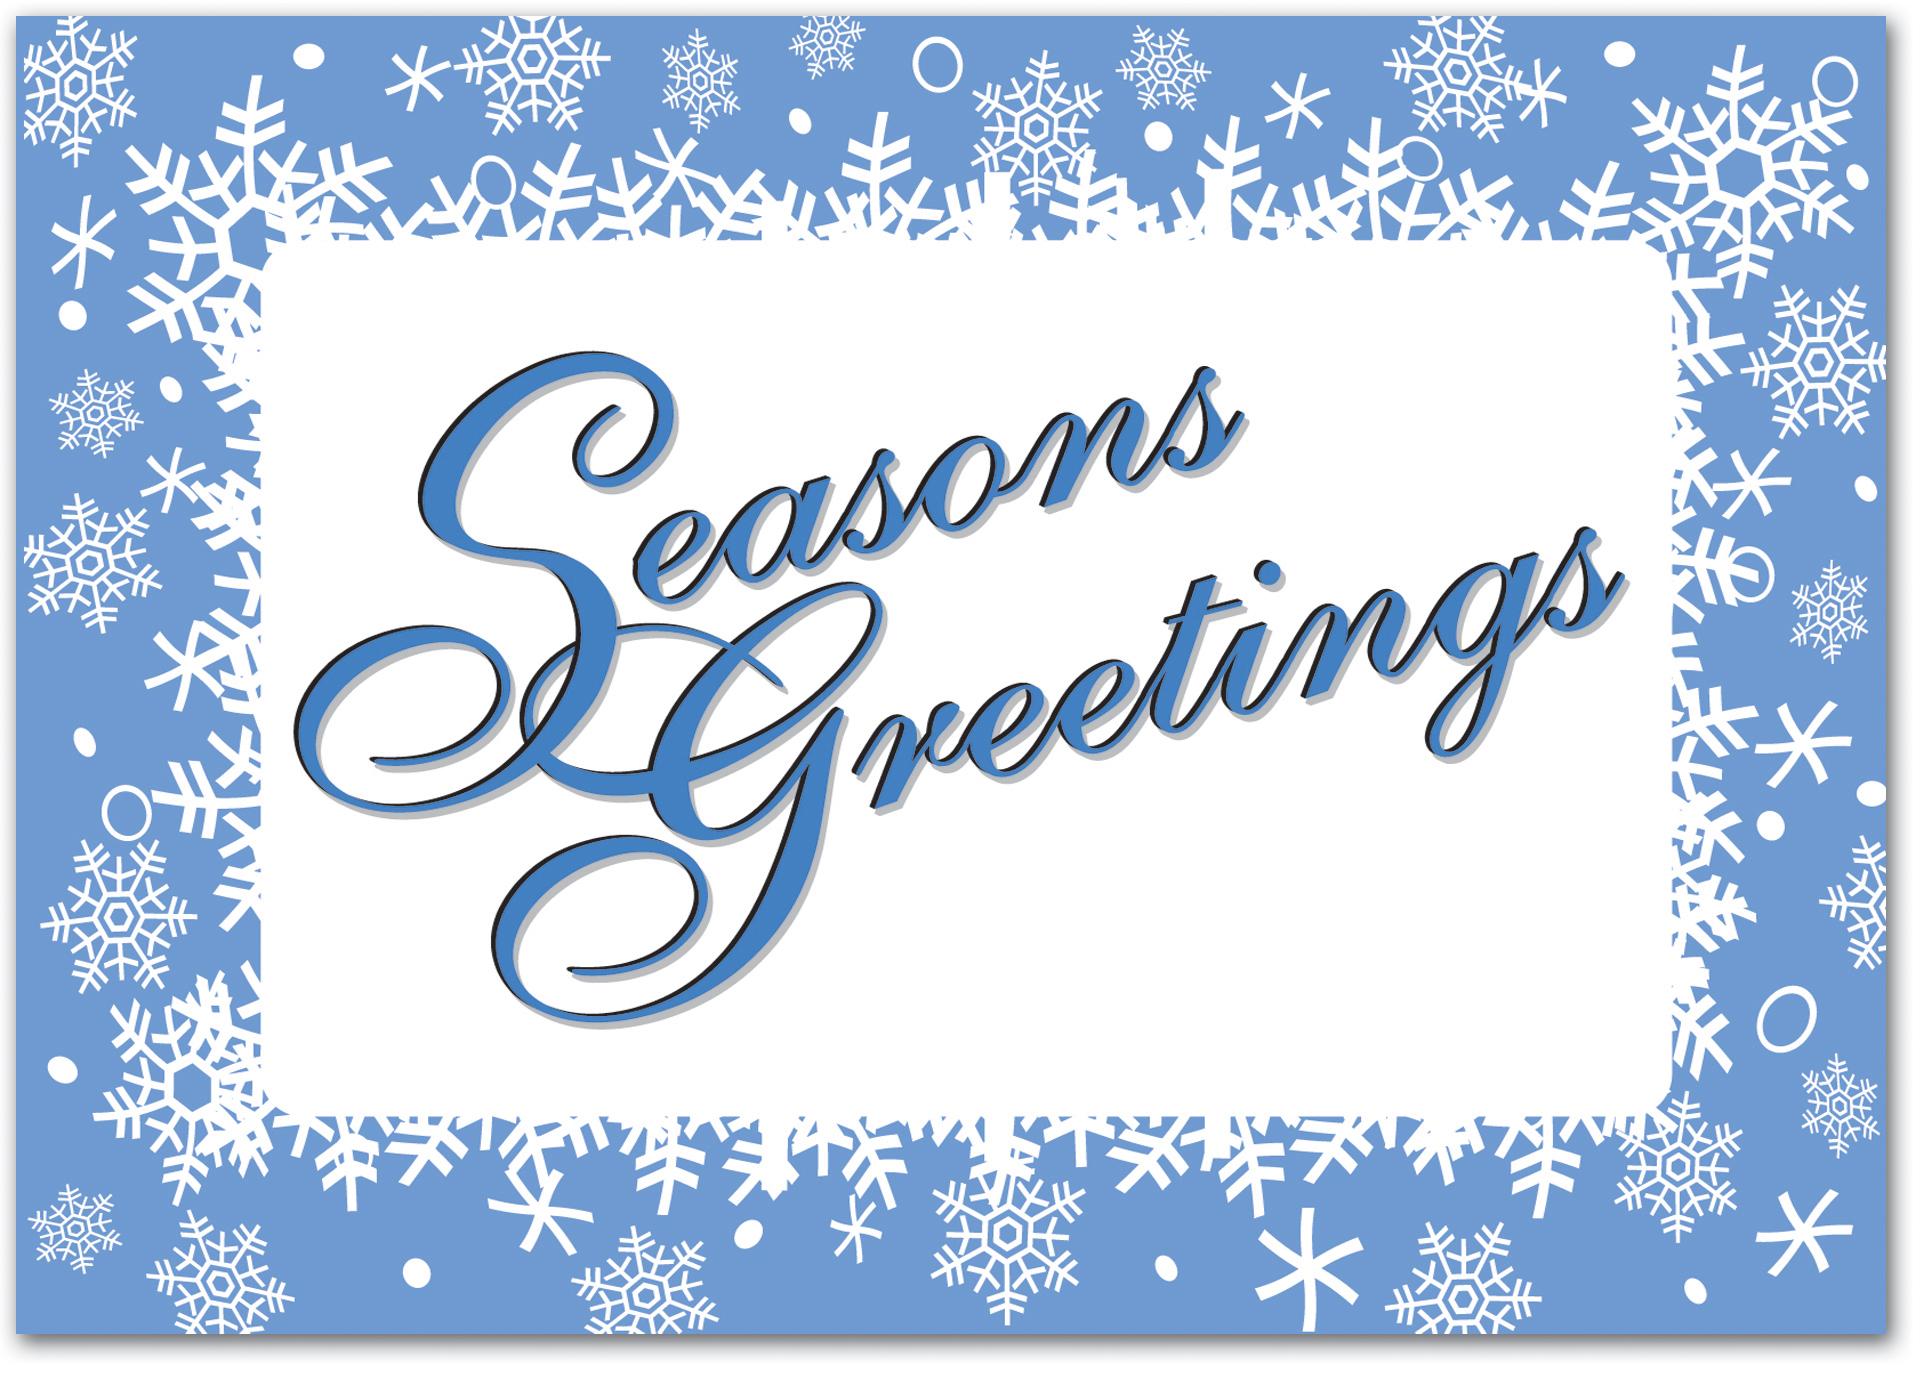 Seasons greetings barrs hill school seasons greetings kristyandbryce Images